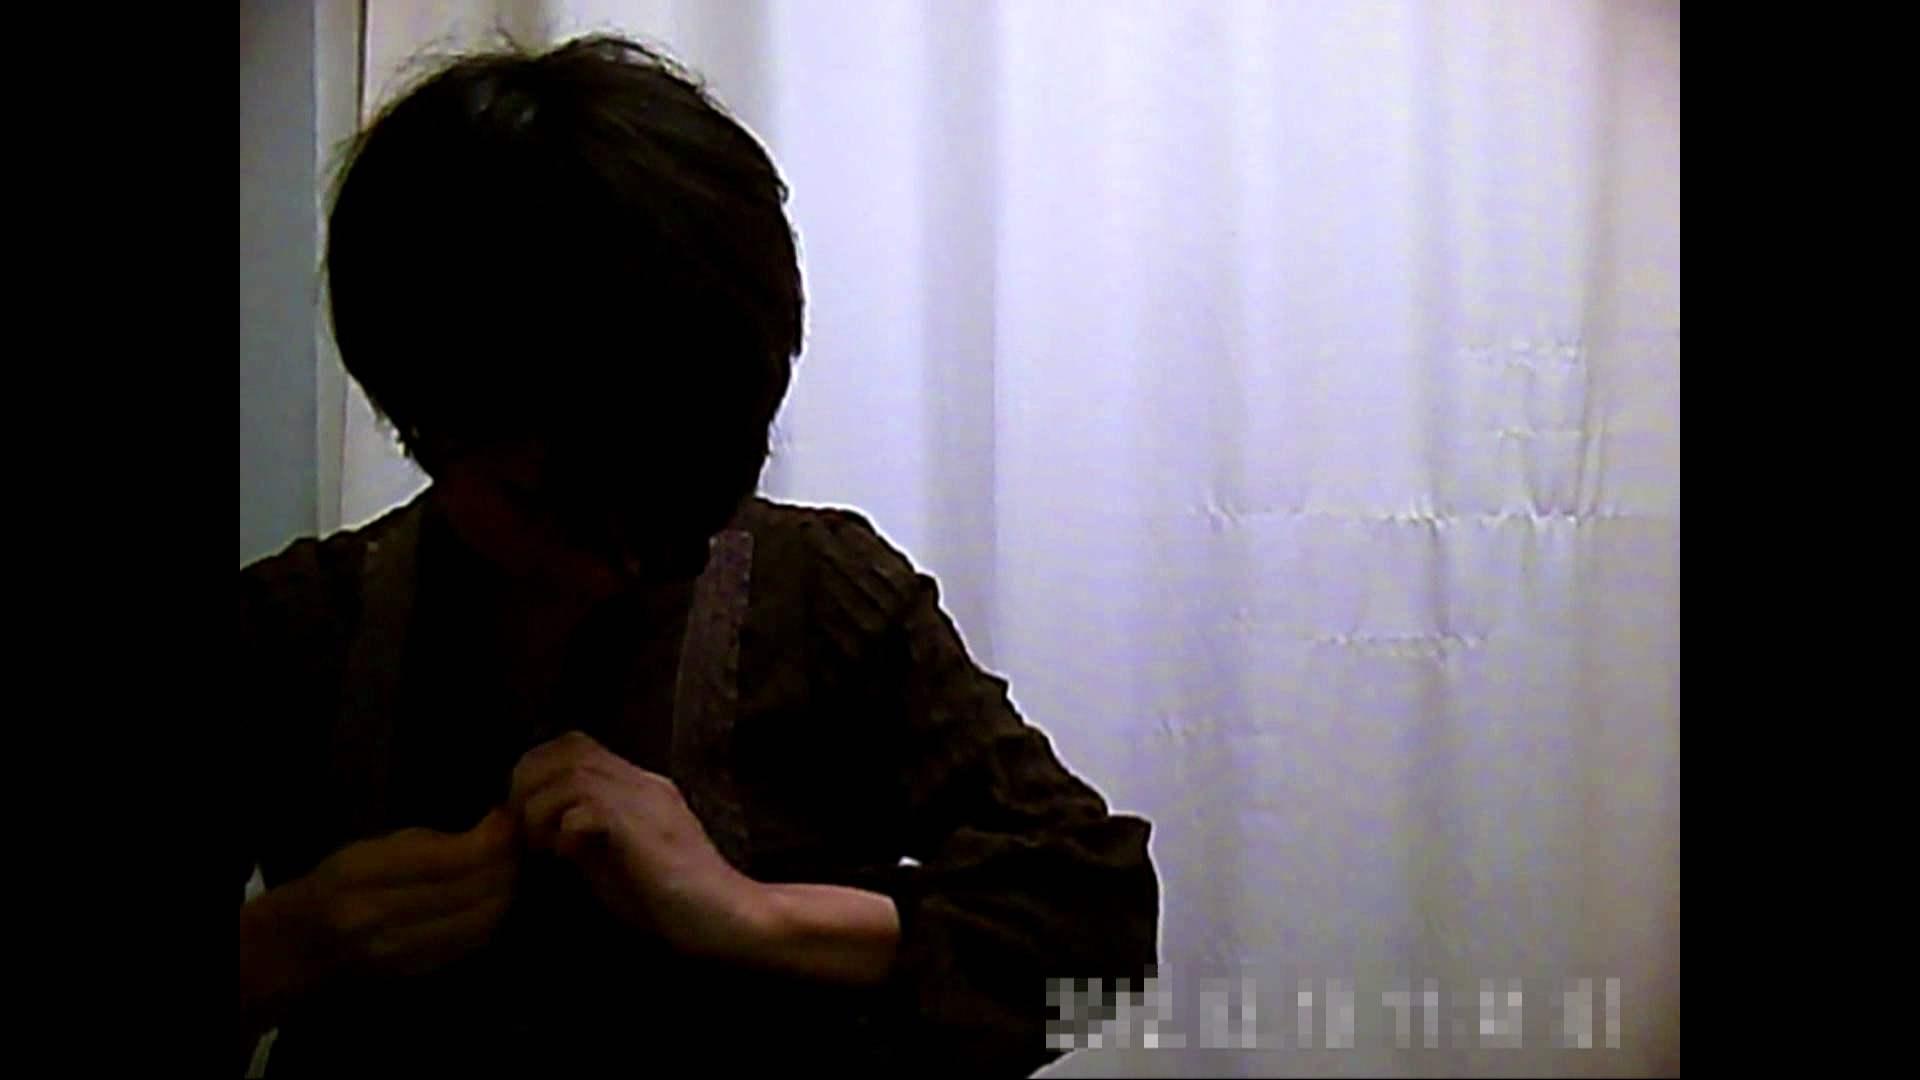 病院おもいっきり着替え! vol.267 乳首ポロリ 盗撮オメコ無修正動画無料 99画像 67